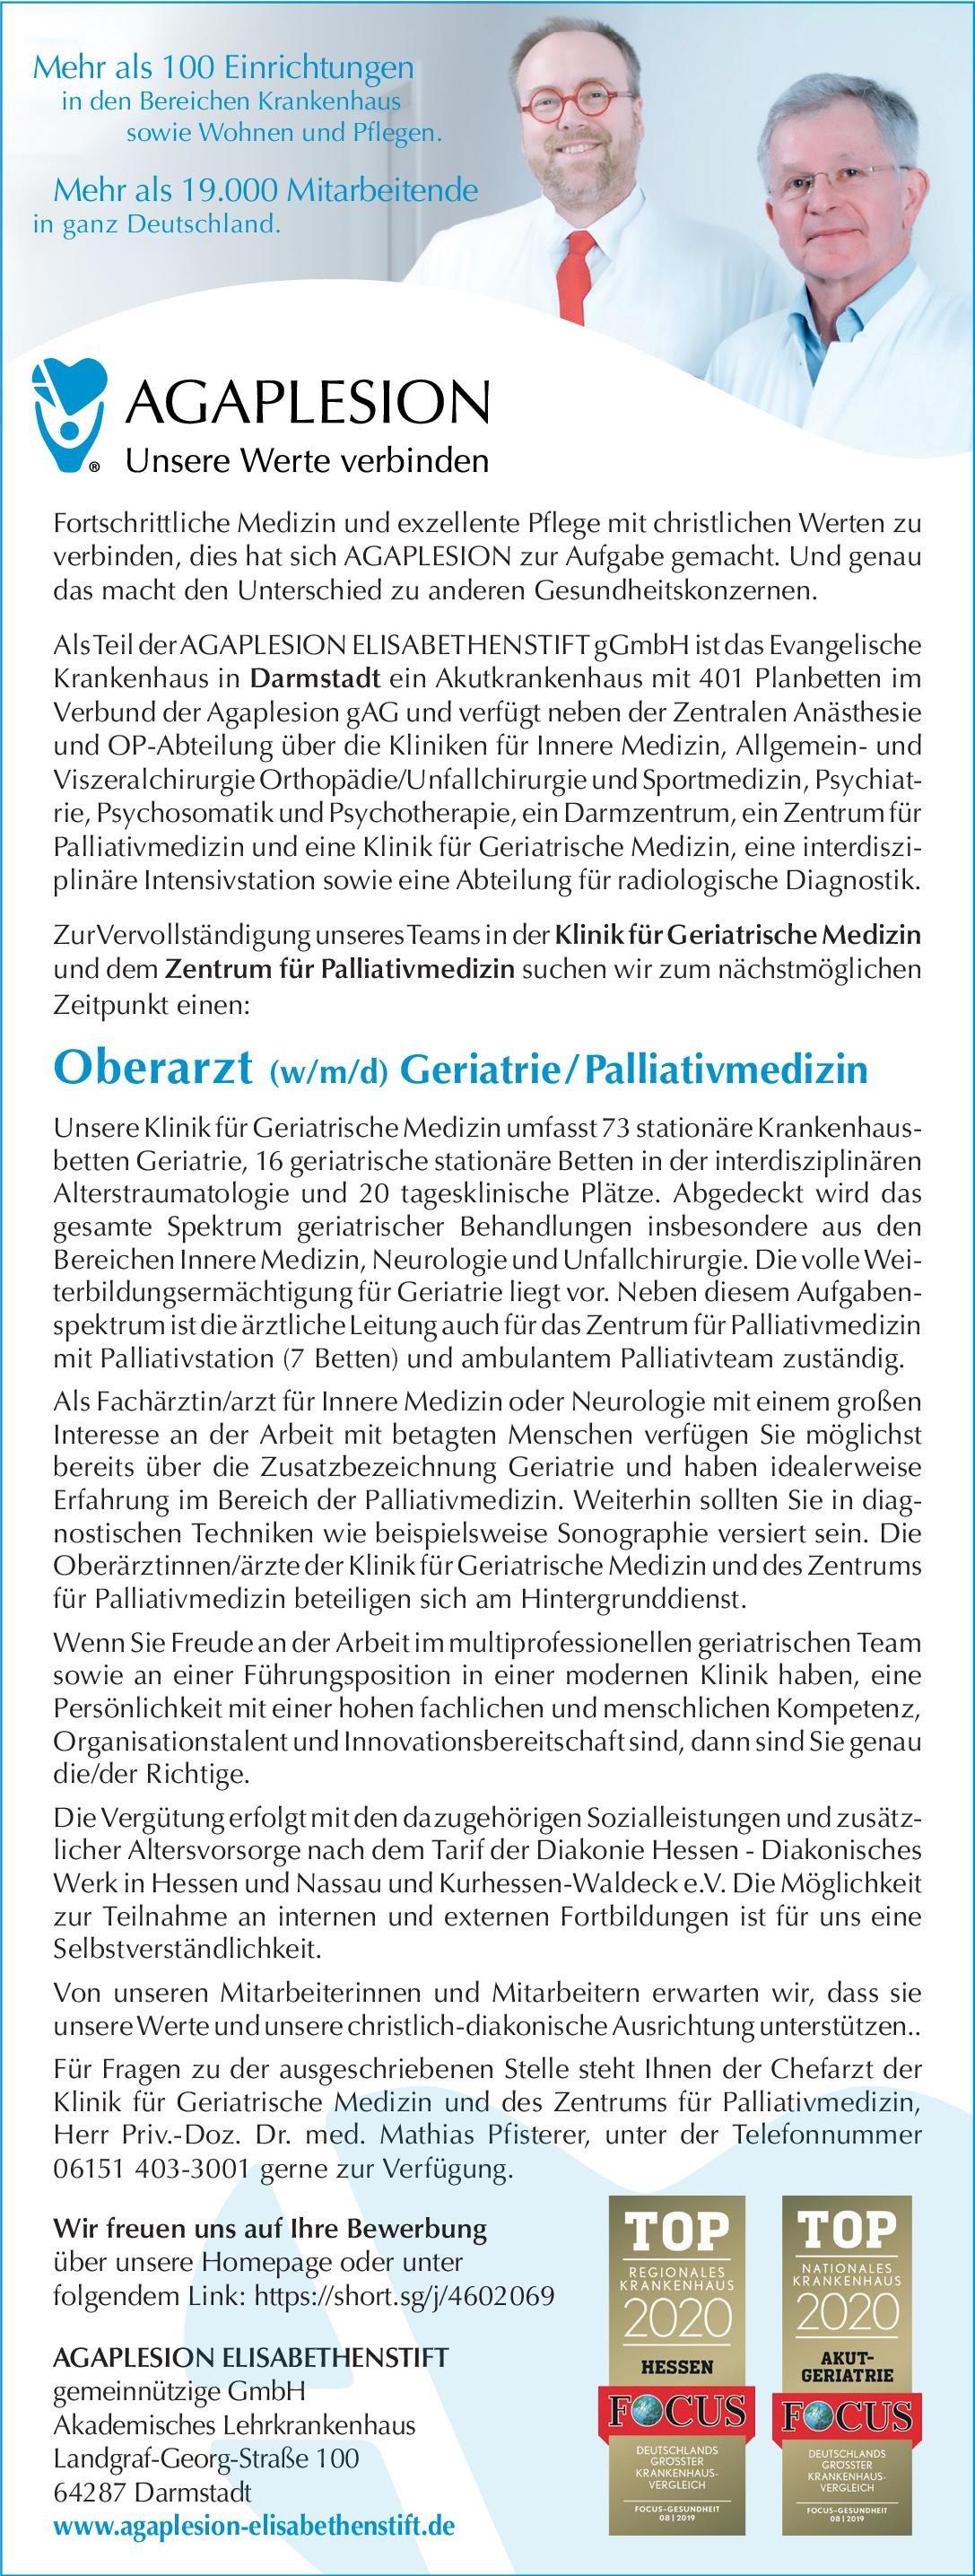 AGAPLESION ELISABETHENSTIFTgemeinnützige GmbH Oberarzt (w/m/d) Geriatrie/Palliativmedizin Geriatrie, Palliativmedizin Oberarzt